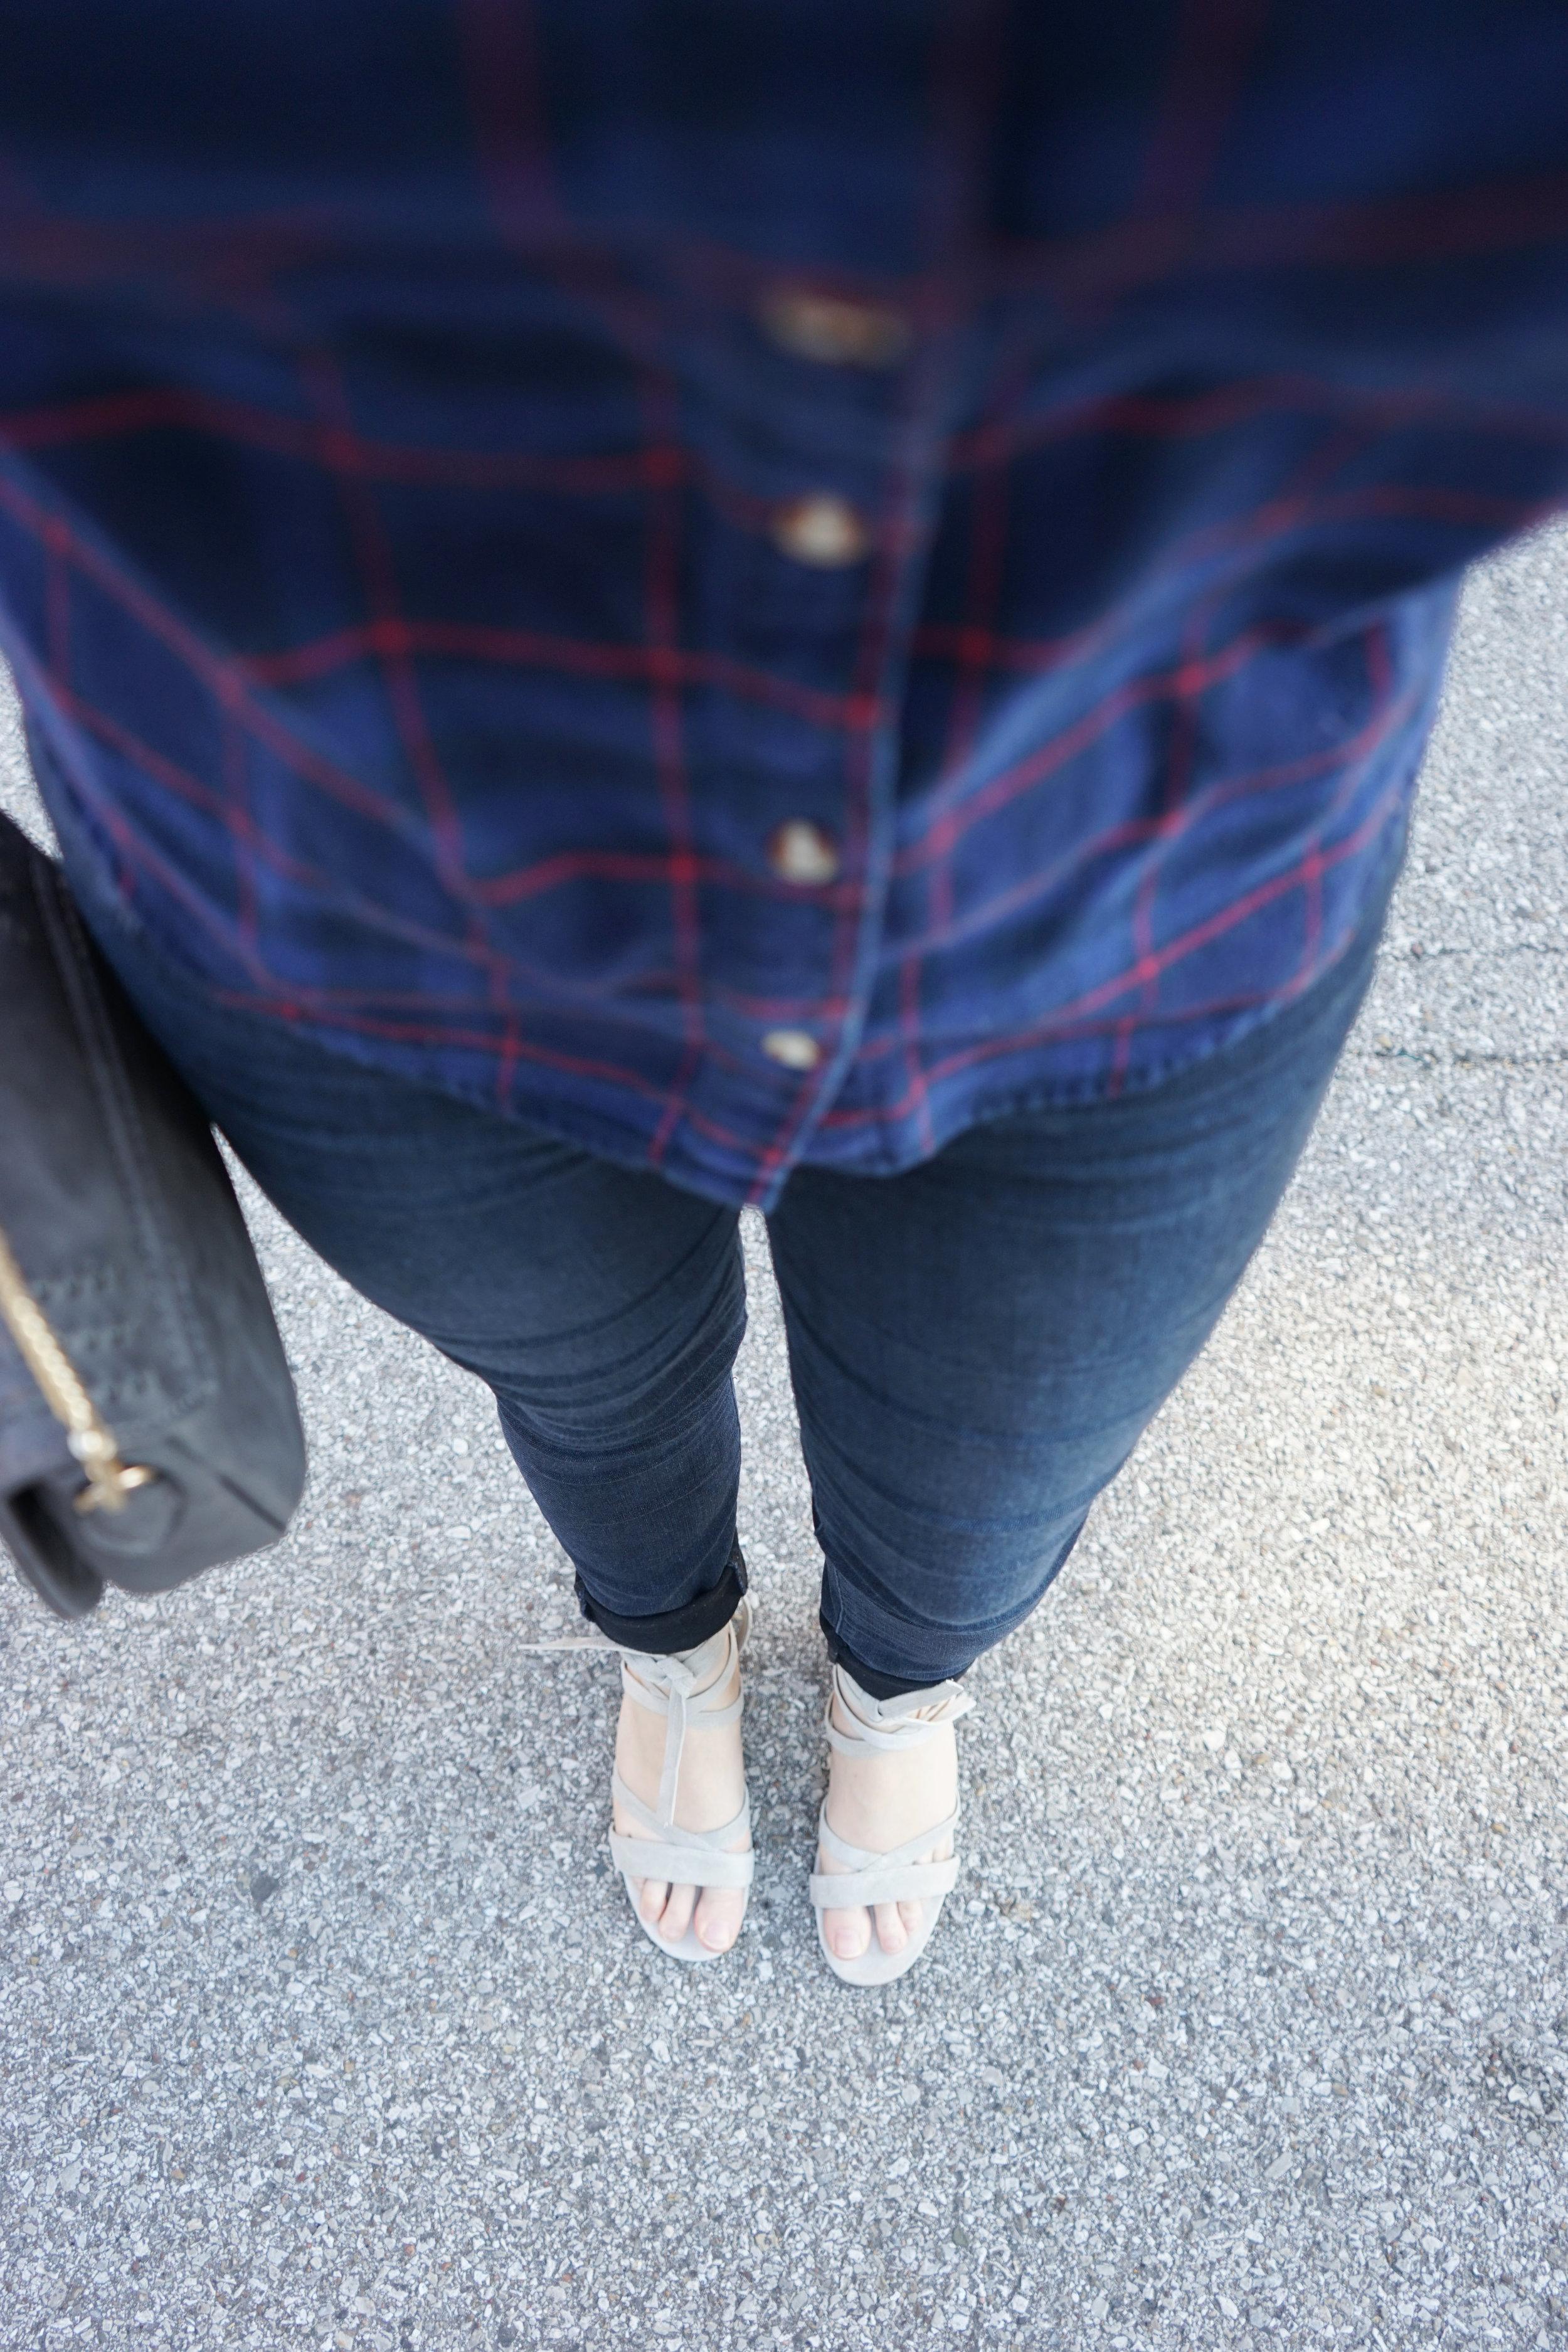 Maggie a la Mode - Dressing in Fall When it Doesn't Feel Like Fall 3.JPG